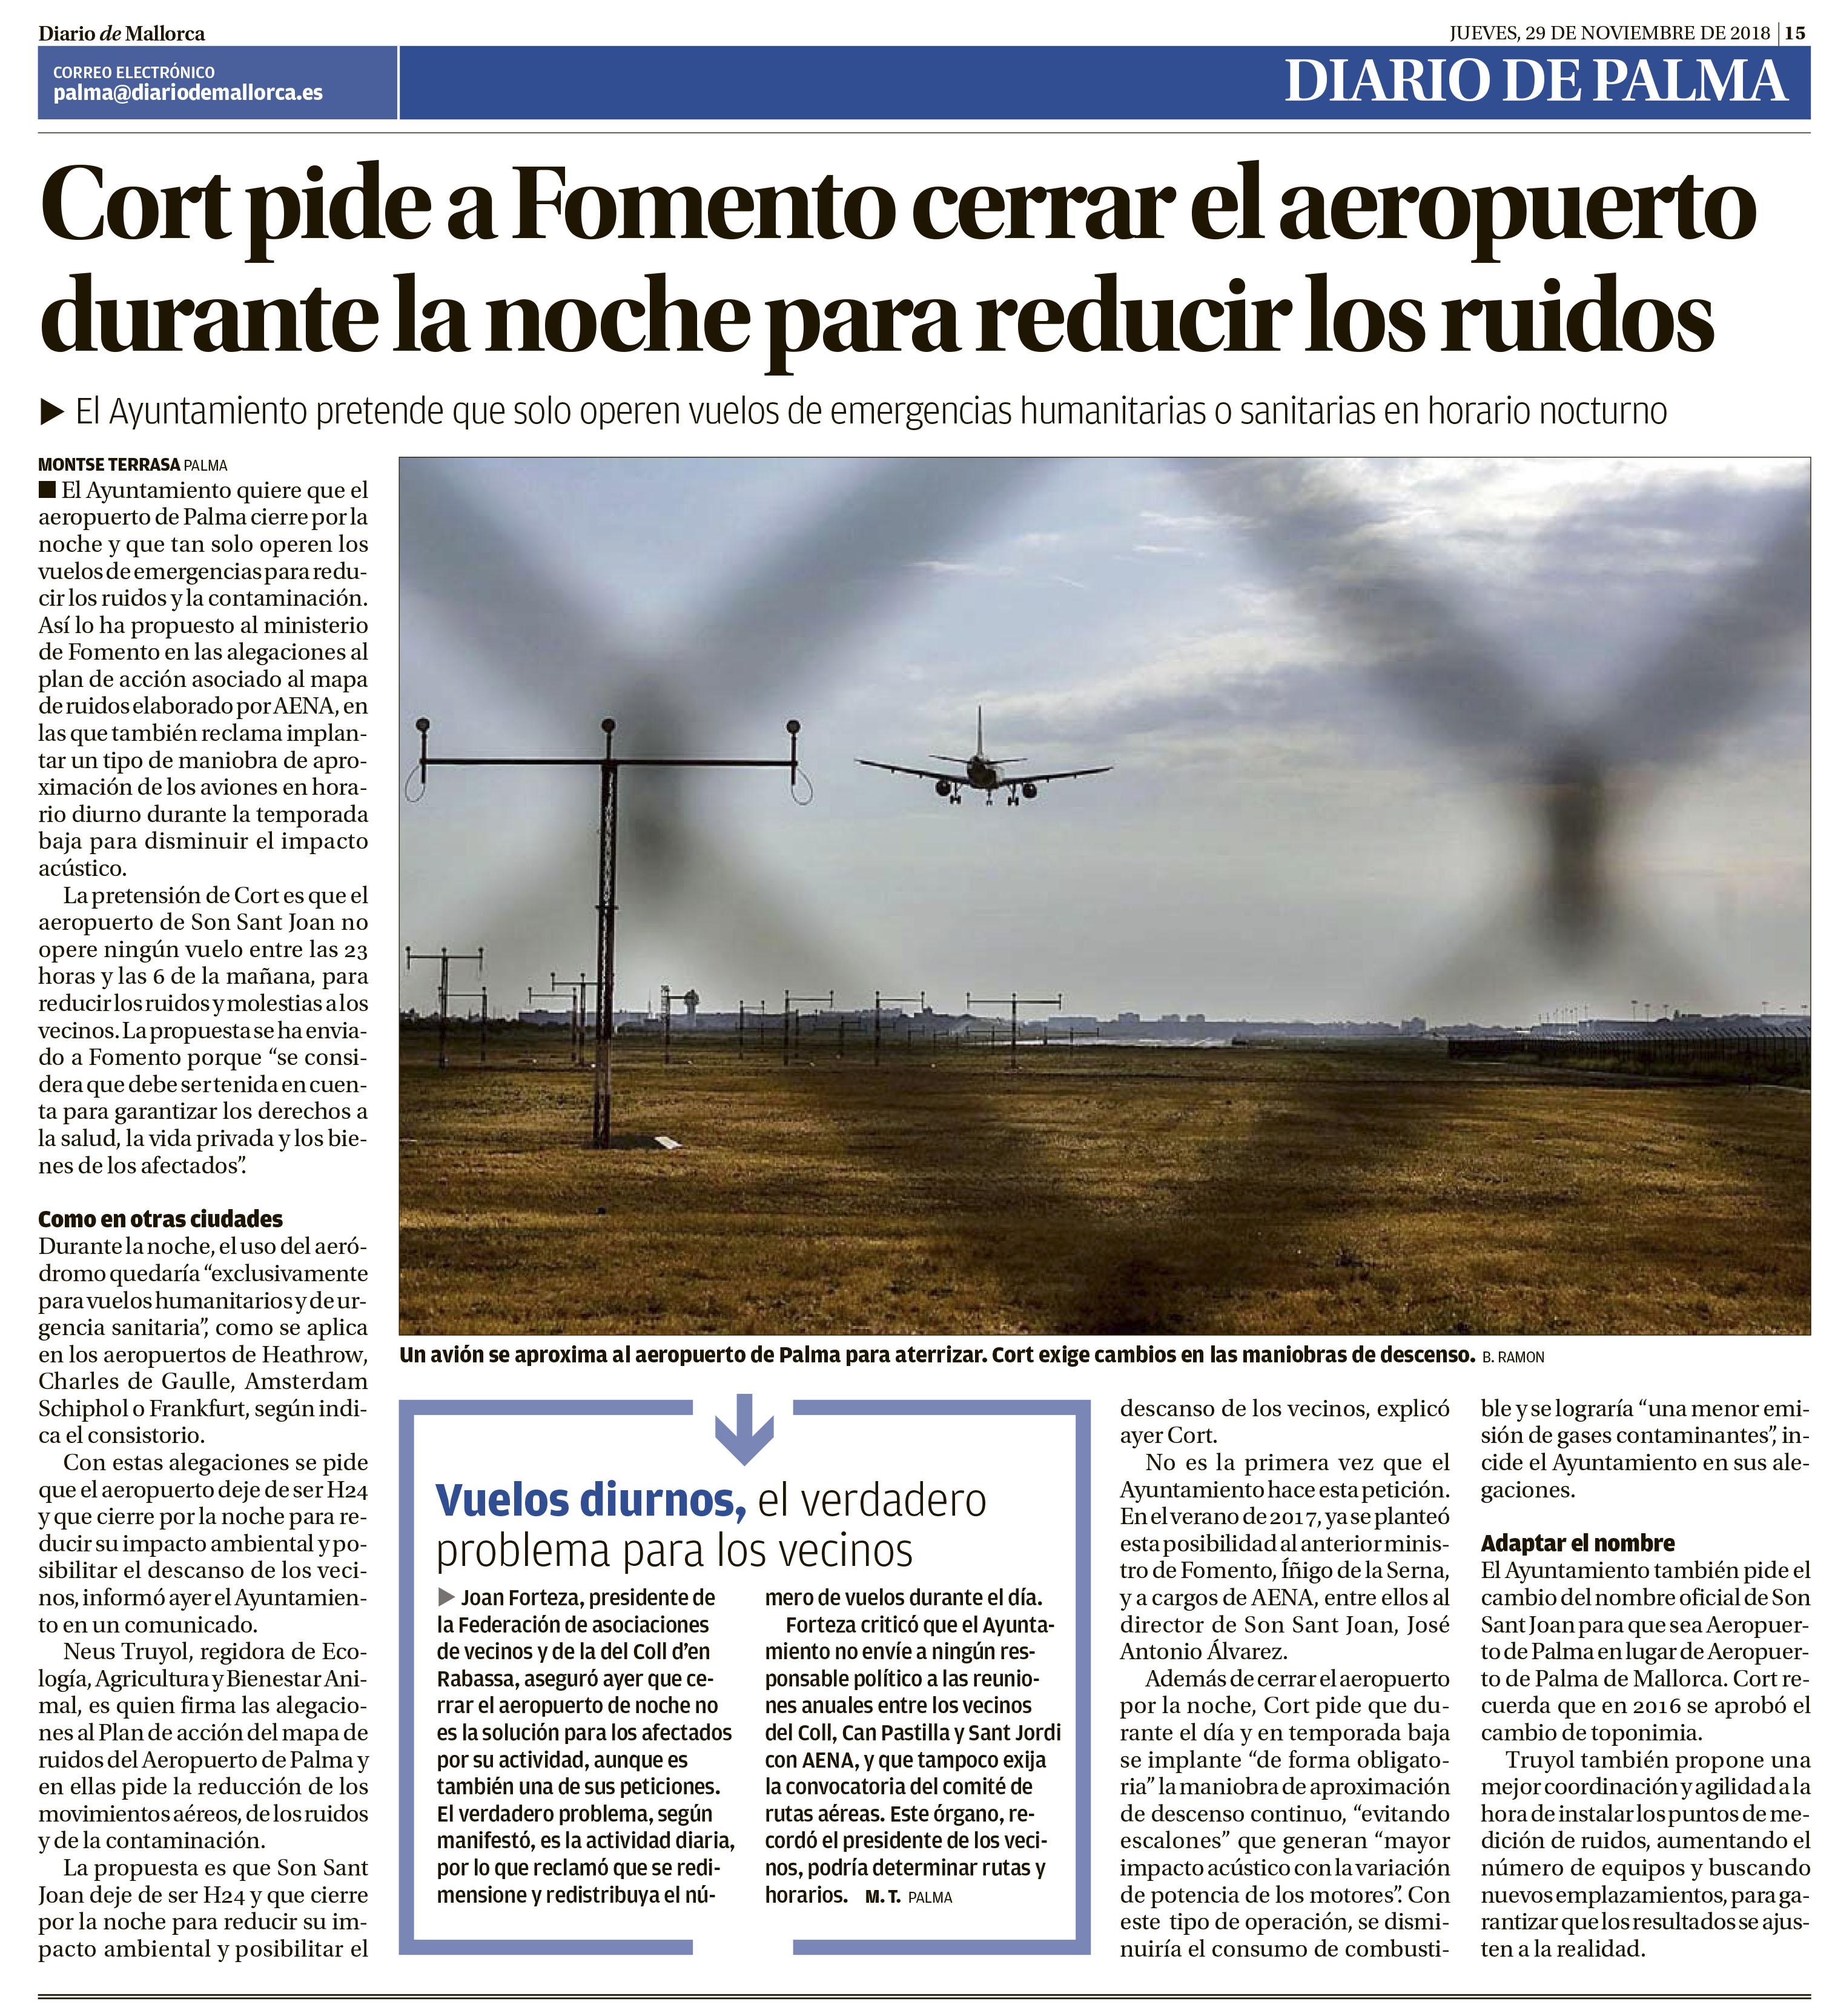 Ressò de la petició del tancament nocturn de les operacions aèries a l'Aeroport de Palma